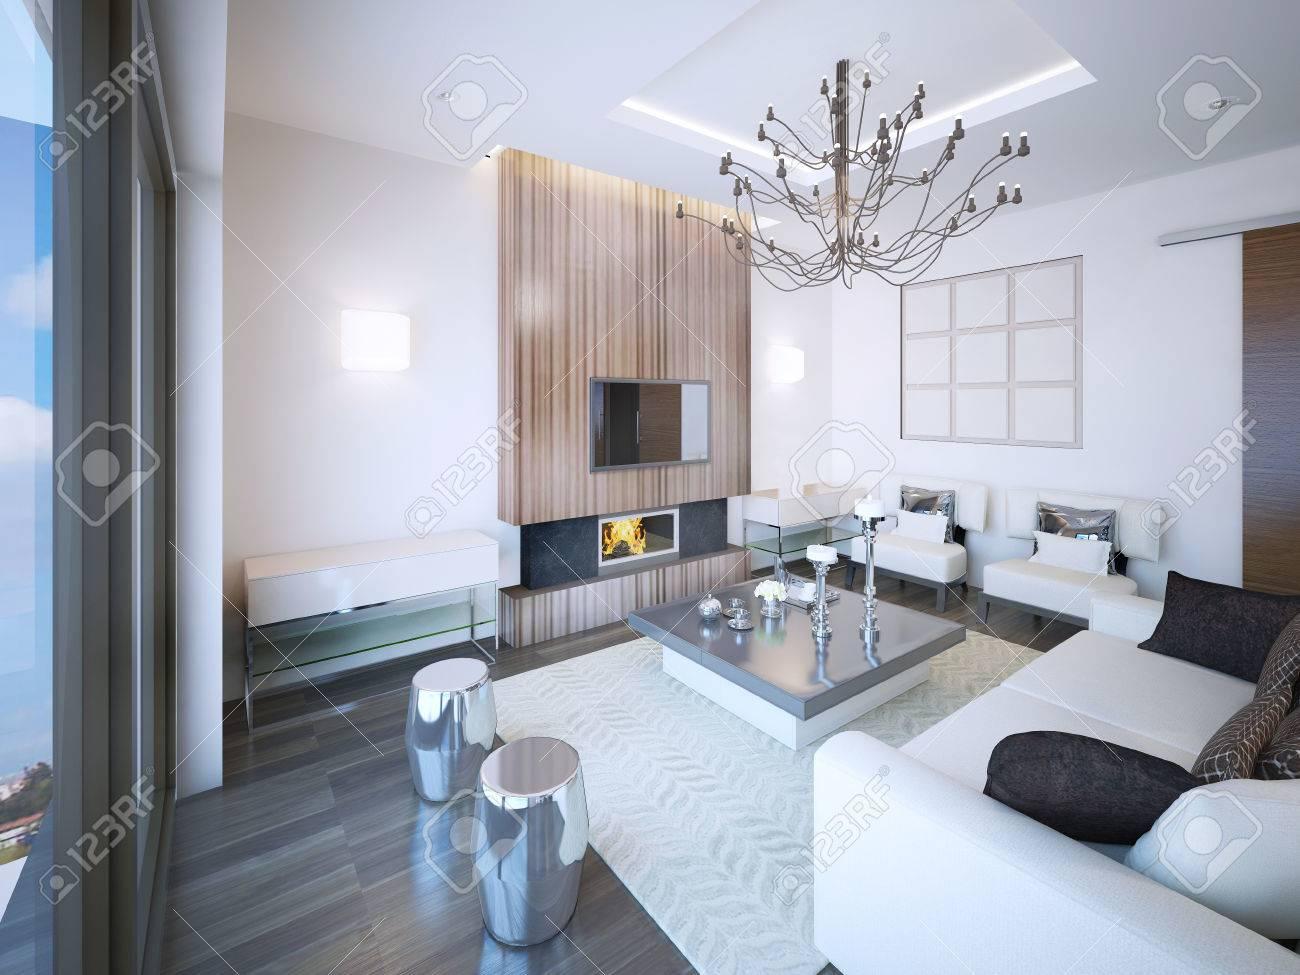 Salón Estilo Art Deco Con Chimenea. Muebles Inusual Hecho De ...